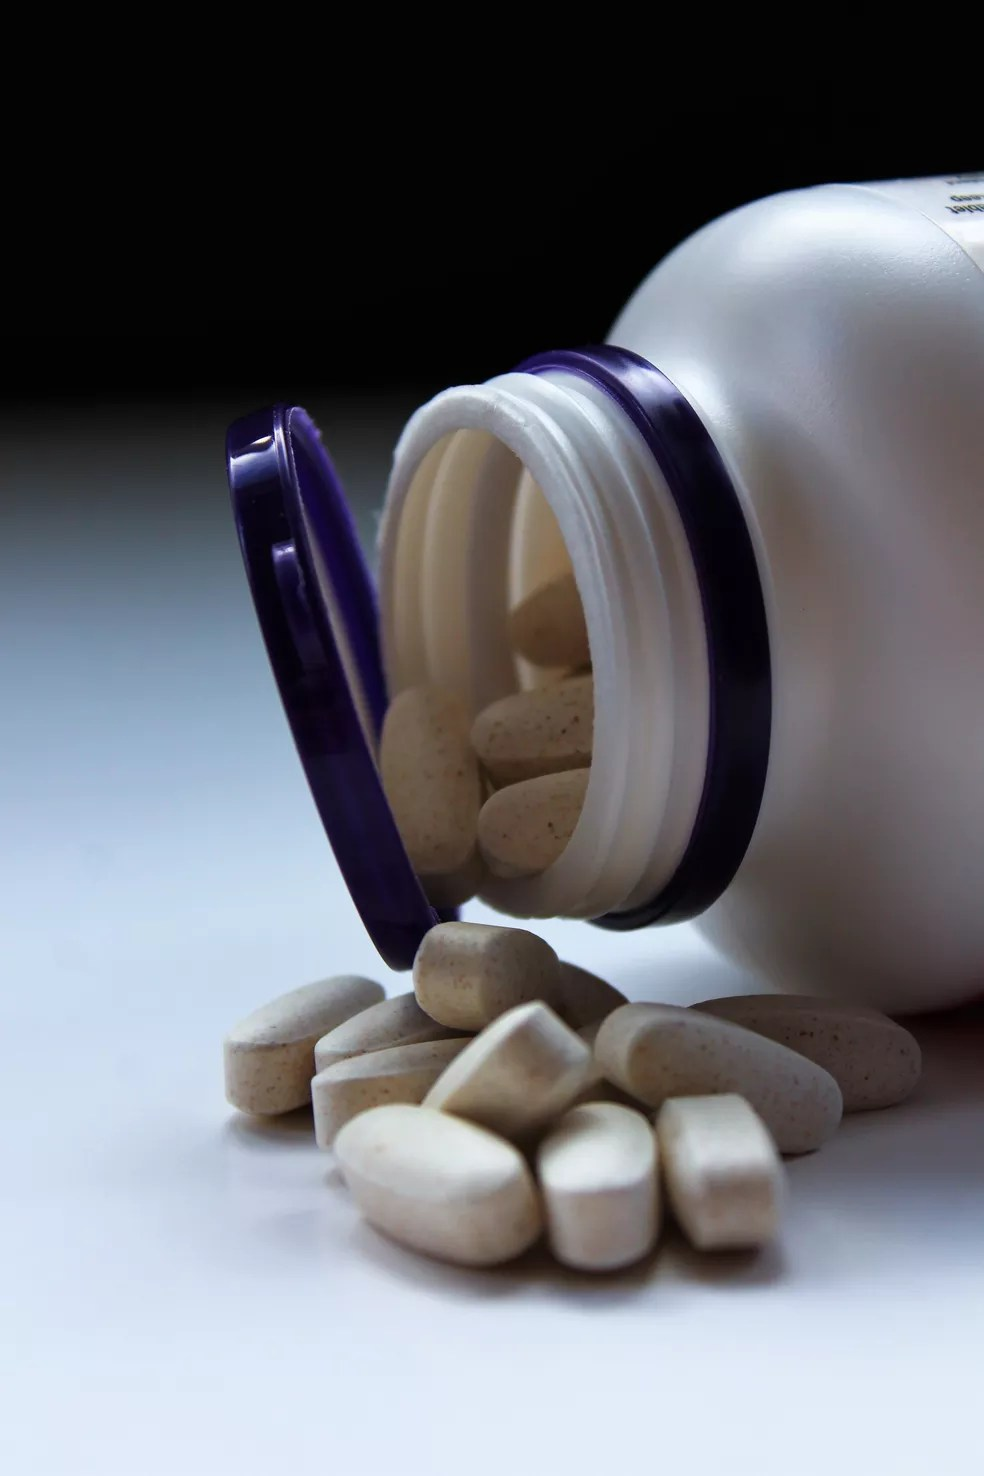 Apenas dois em cada 10 pacientes que tomam antidepressivos apresentam sinais de melhora — Foto: Unplash/Divulgação